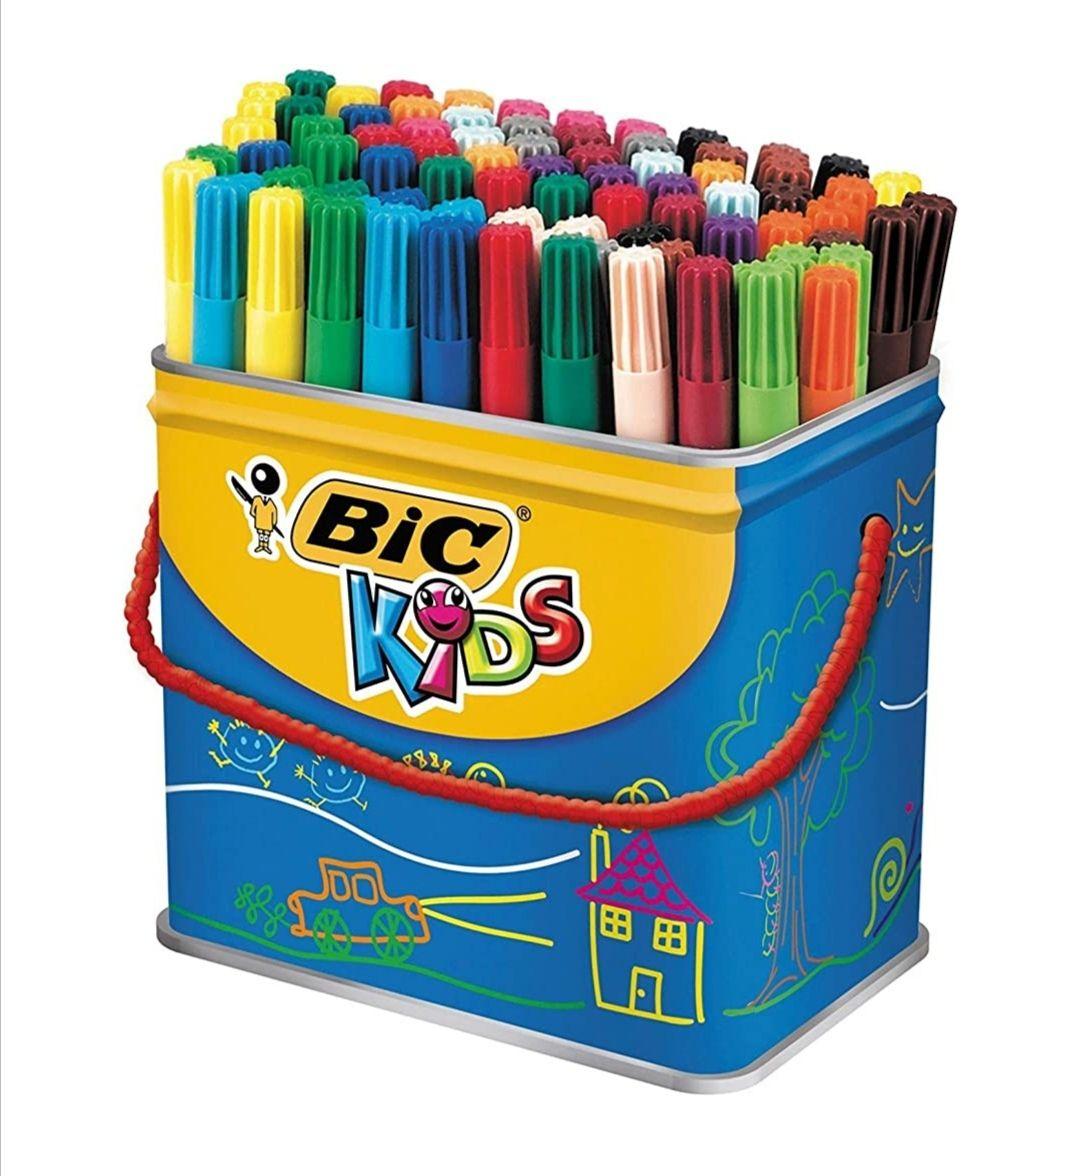 BIC Kids Visa rotuladores punta fina - colores Surtidos, Cubo de 84 unidades (descuento al tramitar)